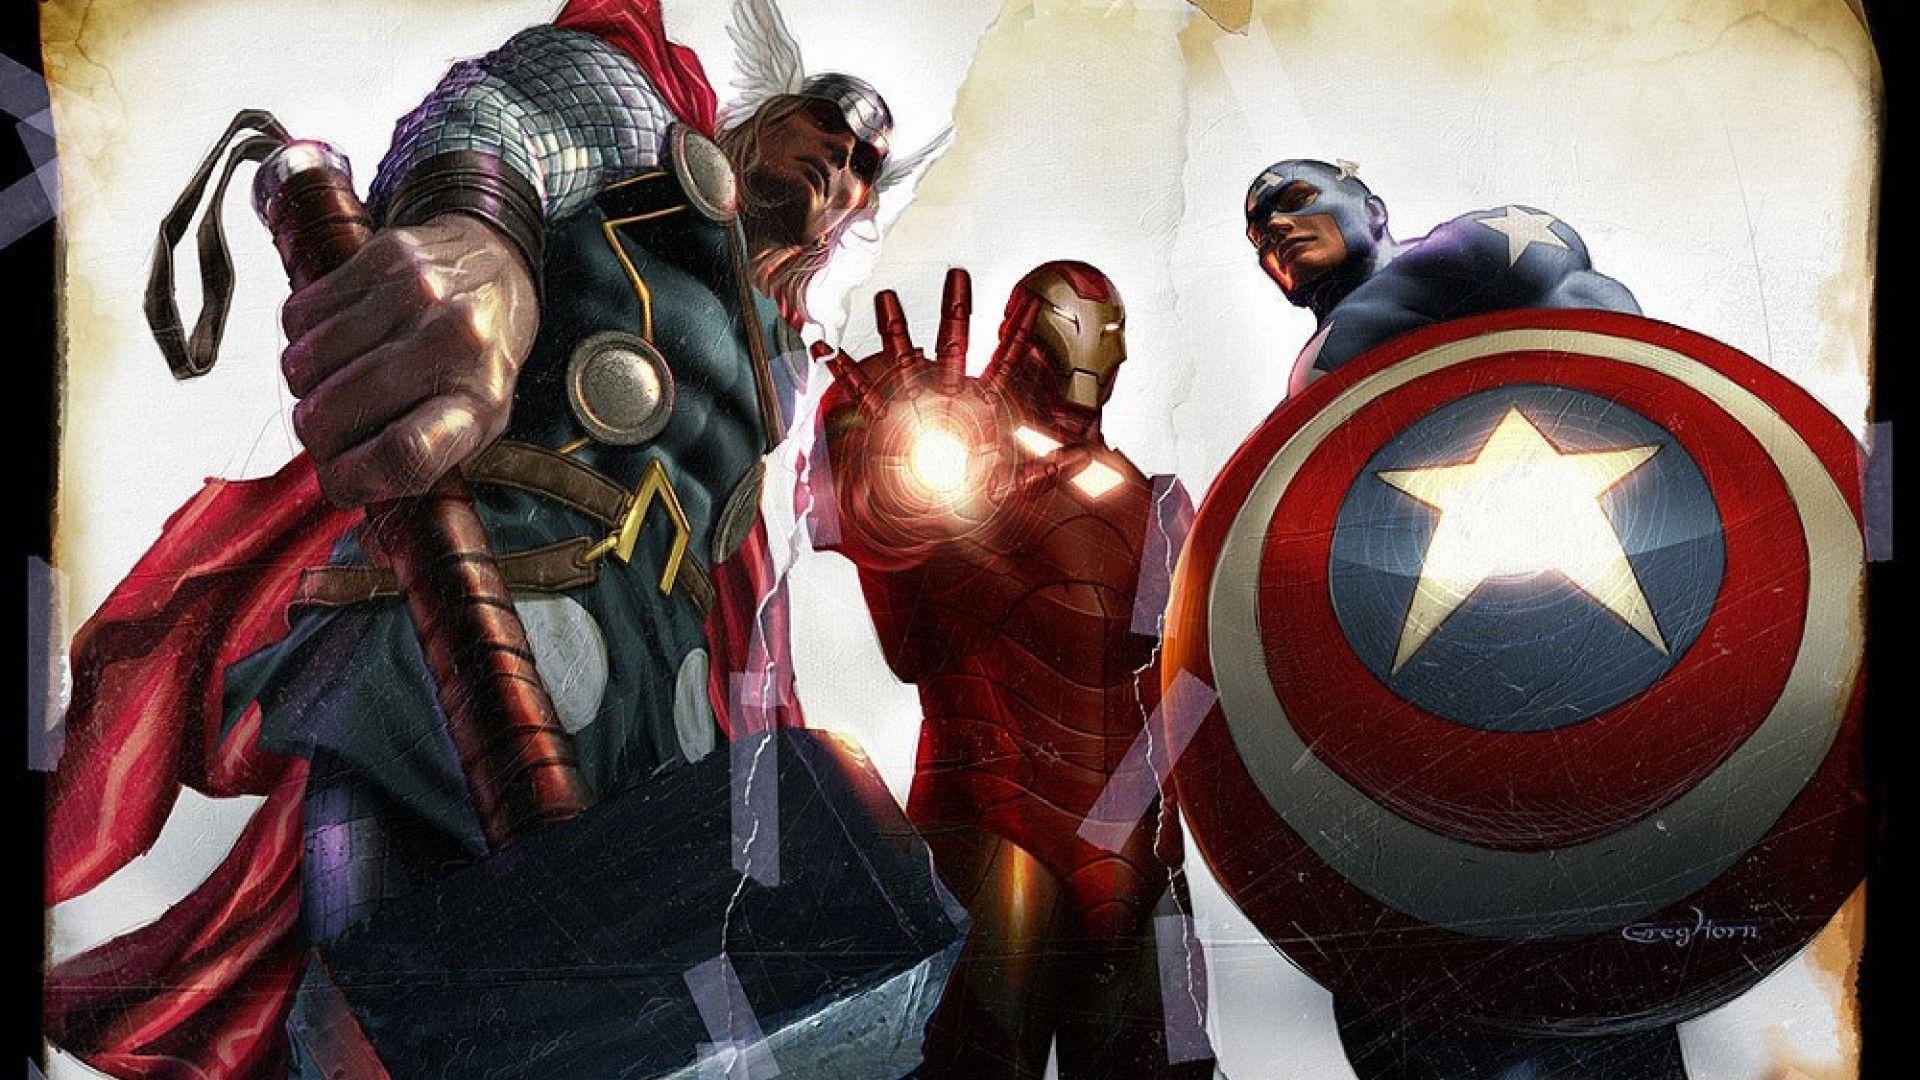 The Avengers Comic Wallpaper Mobile Wallpaper for Desktop